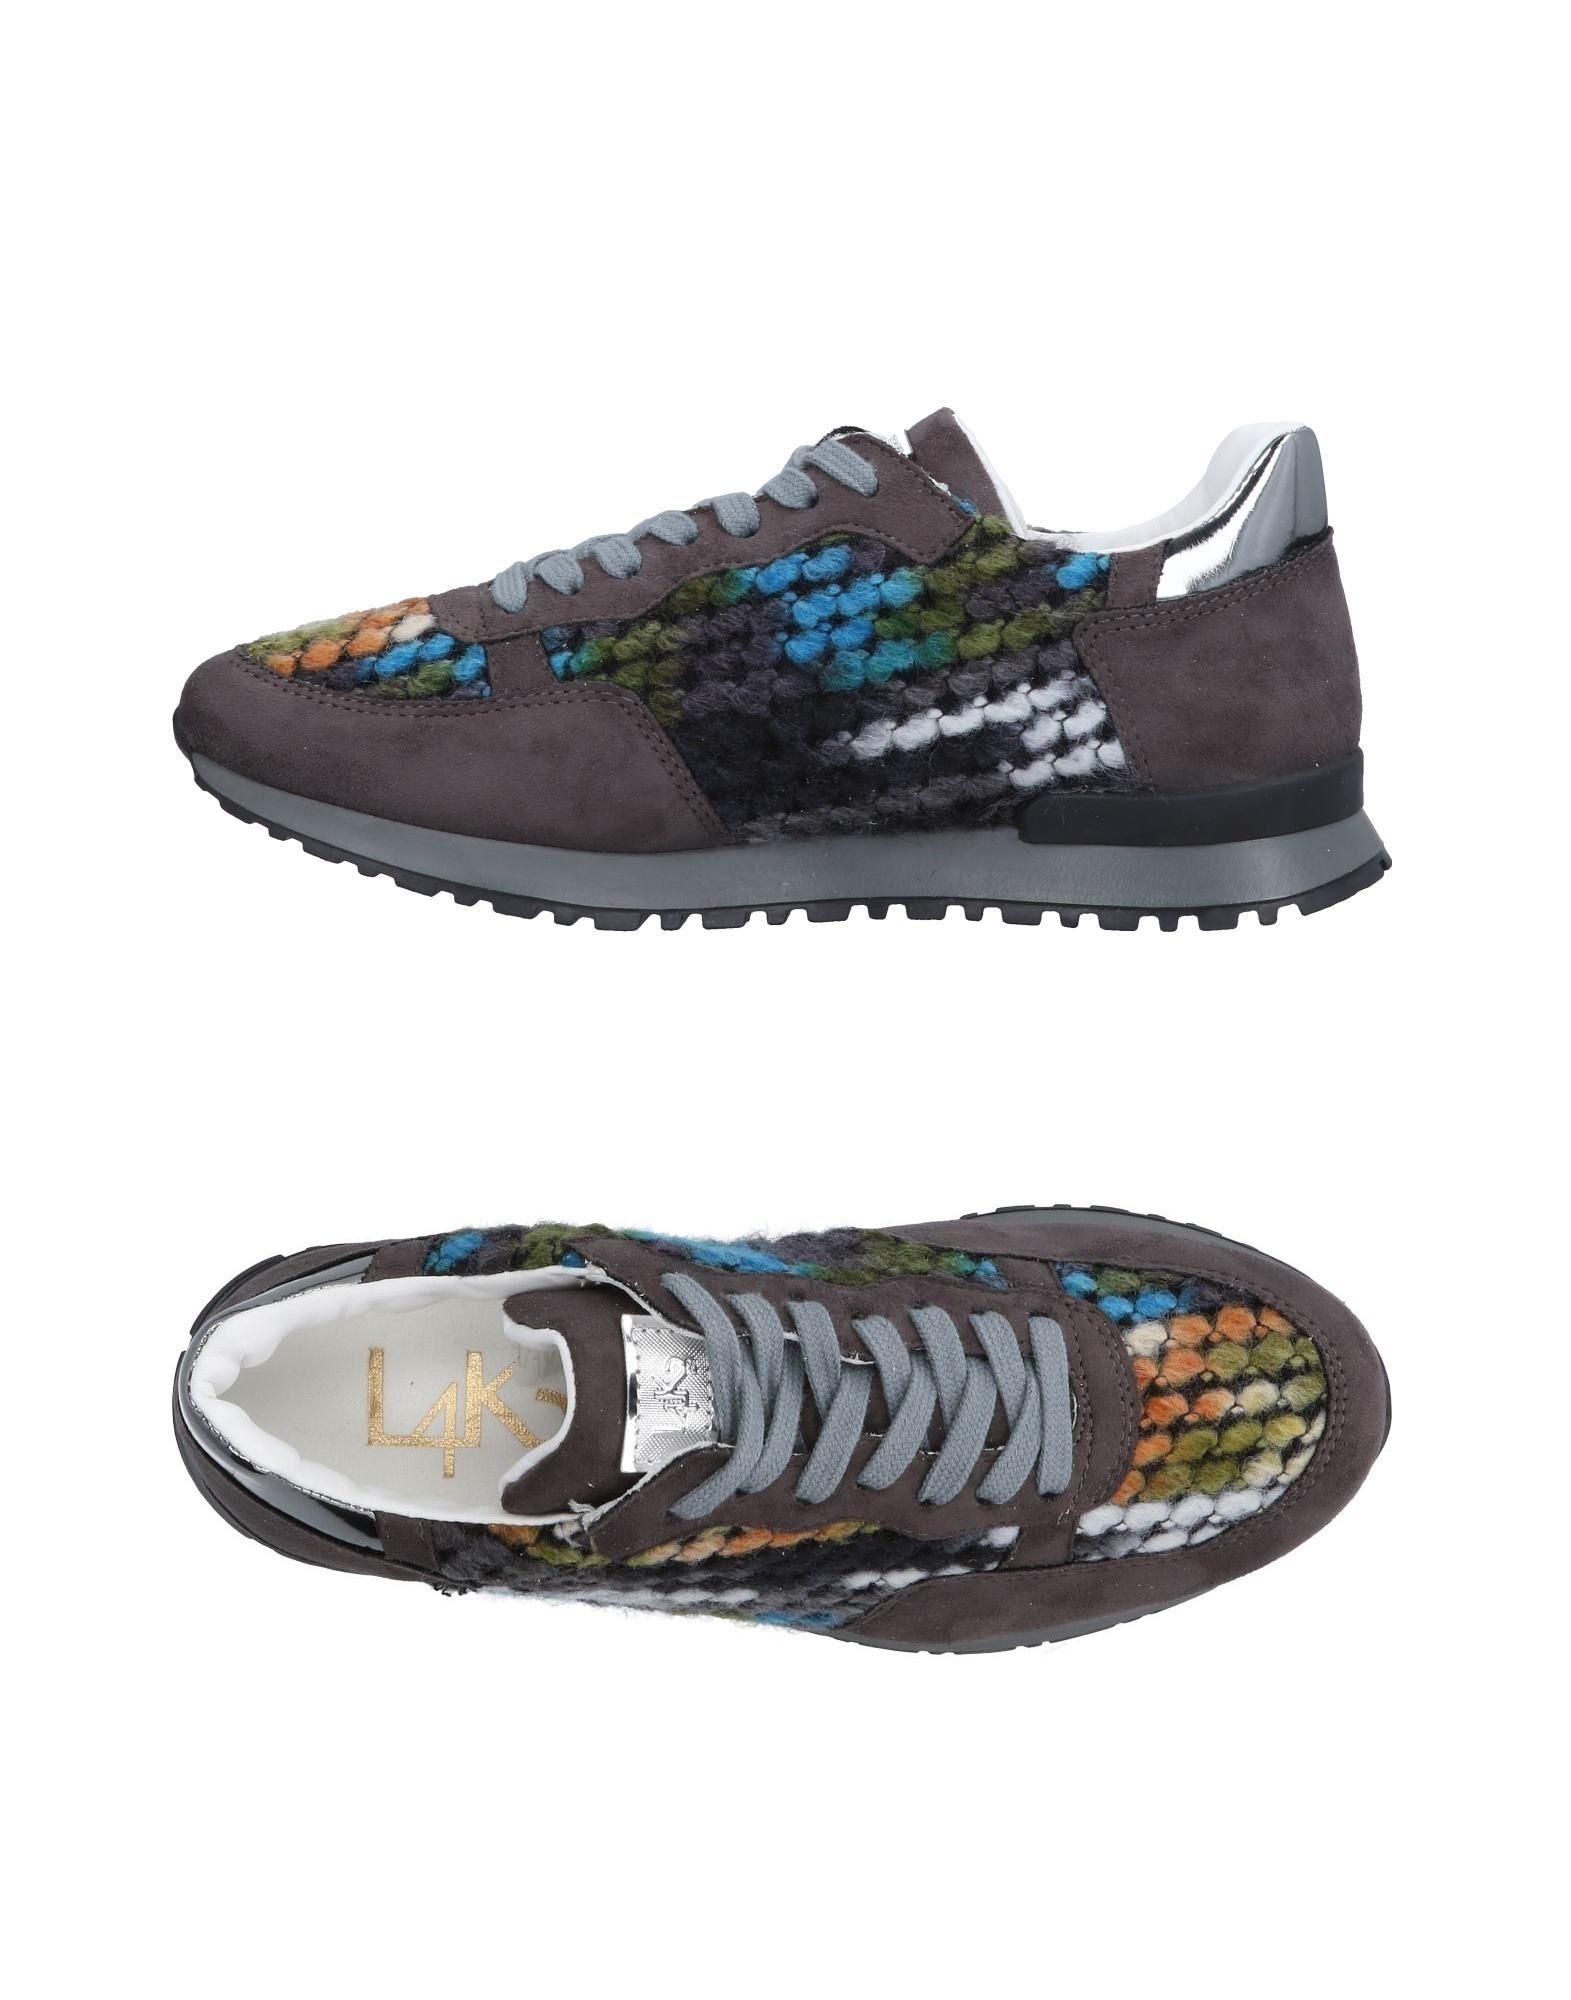 Moda Sneakers L4k3 L4k3 L4k3 Donna - 11499392SG a7f6b9